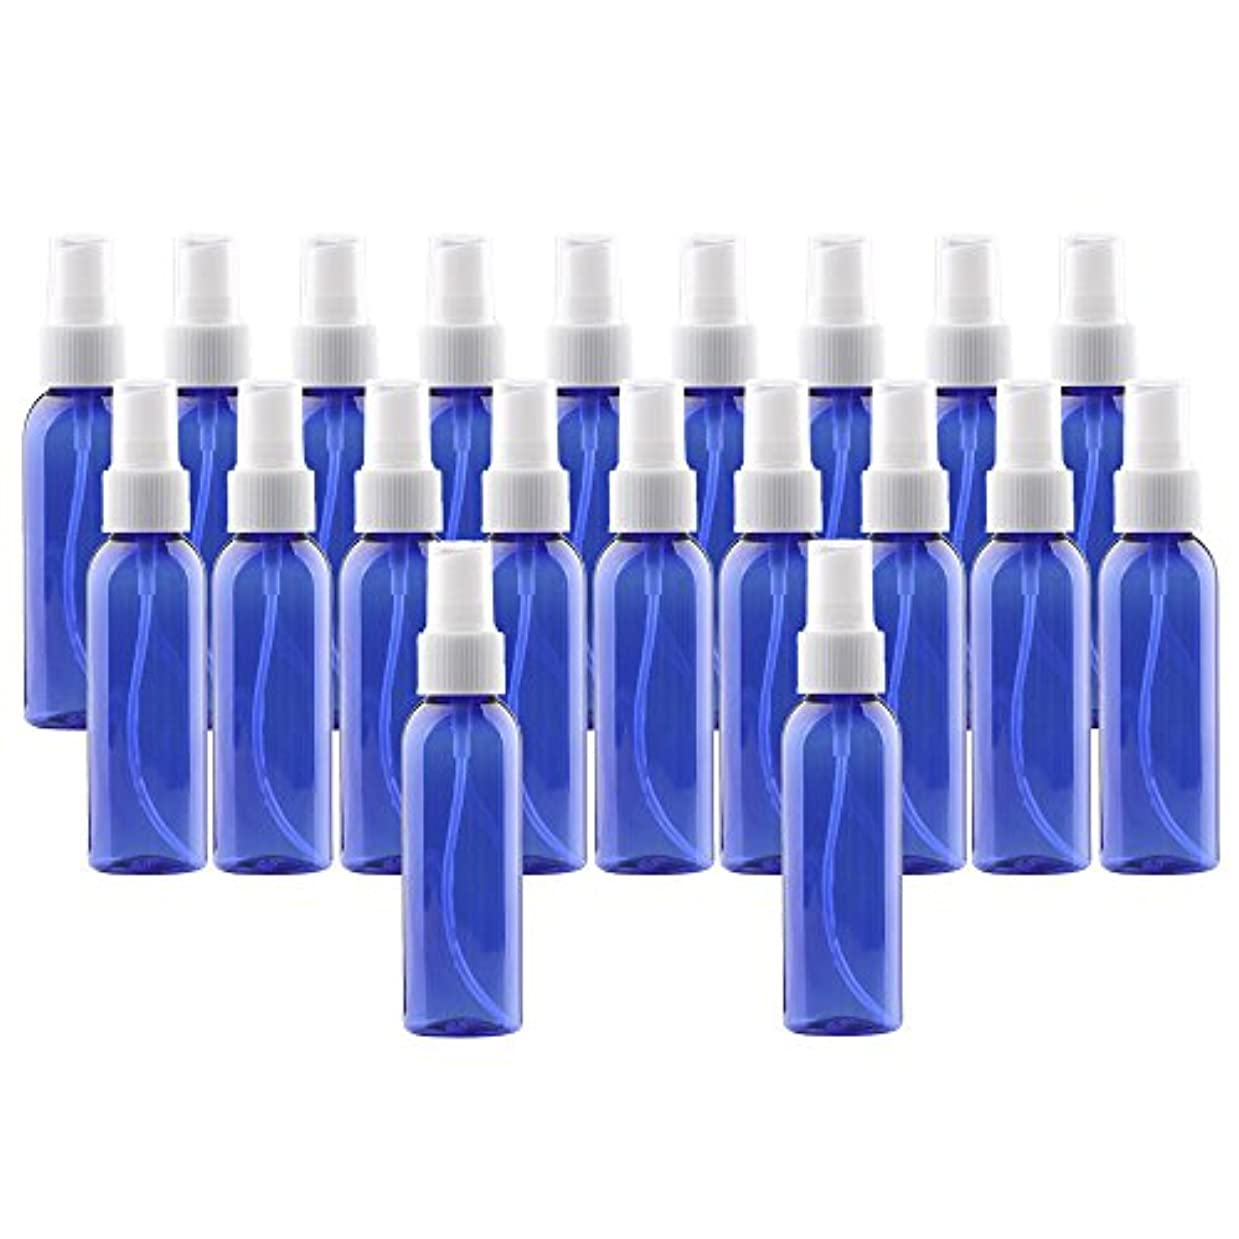 ラメ誕生ひいきにするDiystyle 20個セット スプレーボトル 60ml 空容器 香水アトマイザー プラスチック製 詰め替え 化粧品収納 保存容器 ダークブルー